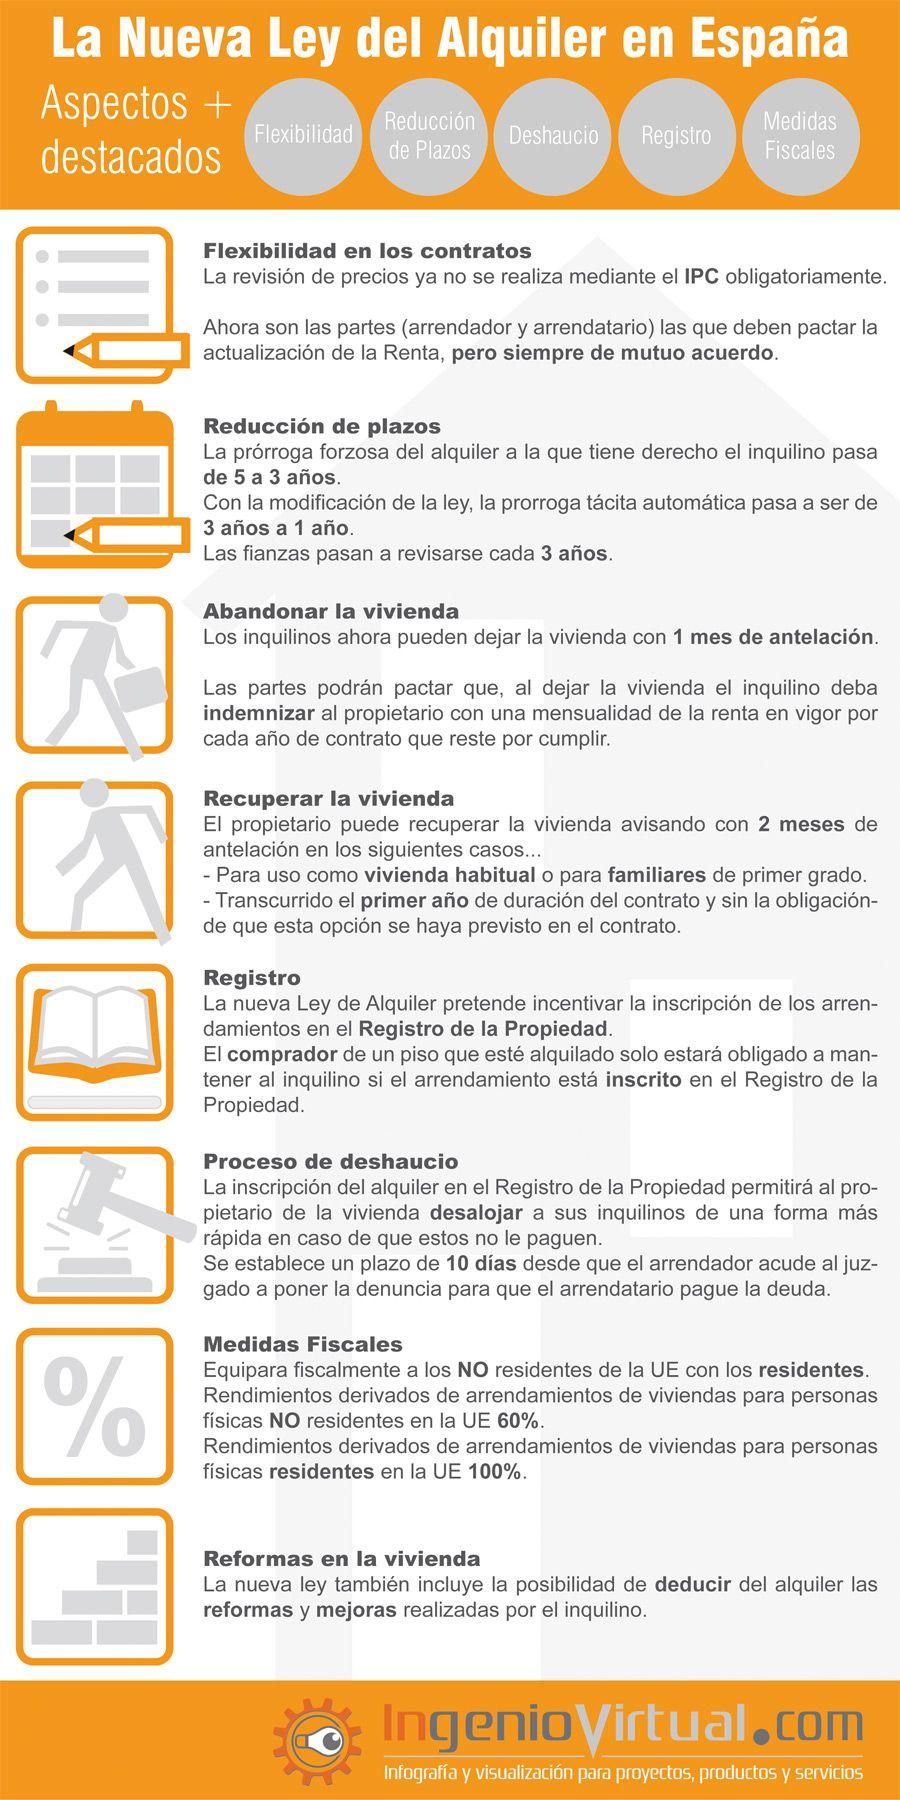 Ingeniovirtual Com Infografía Sobre La Nueva Ley Del Alquiler En España Comercialización De Inmuebles Contabilidad Financiera Gestion Inmobiliaria